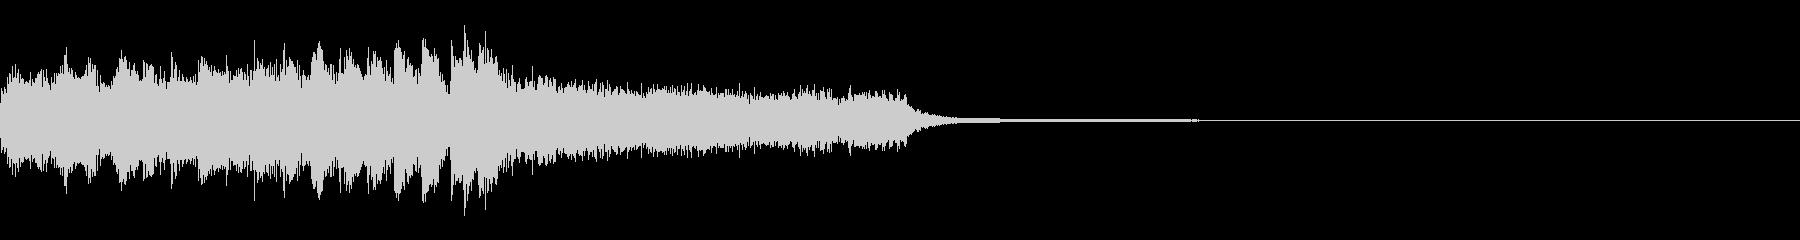 ゲーム起動時のBGMの未再生の波形